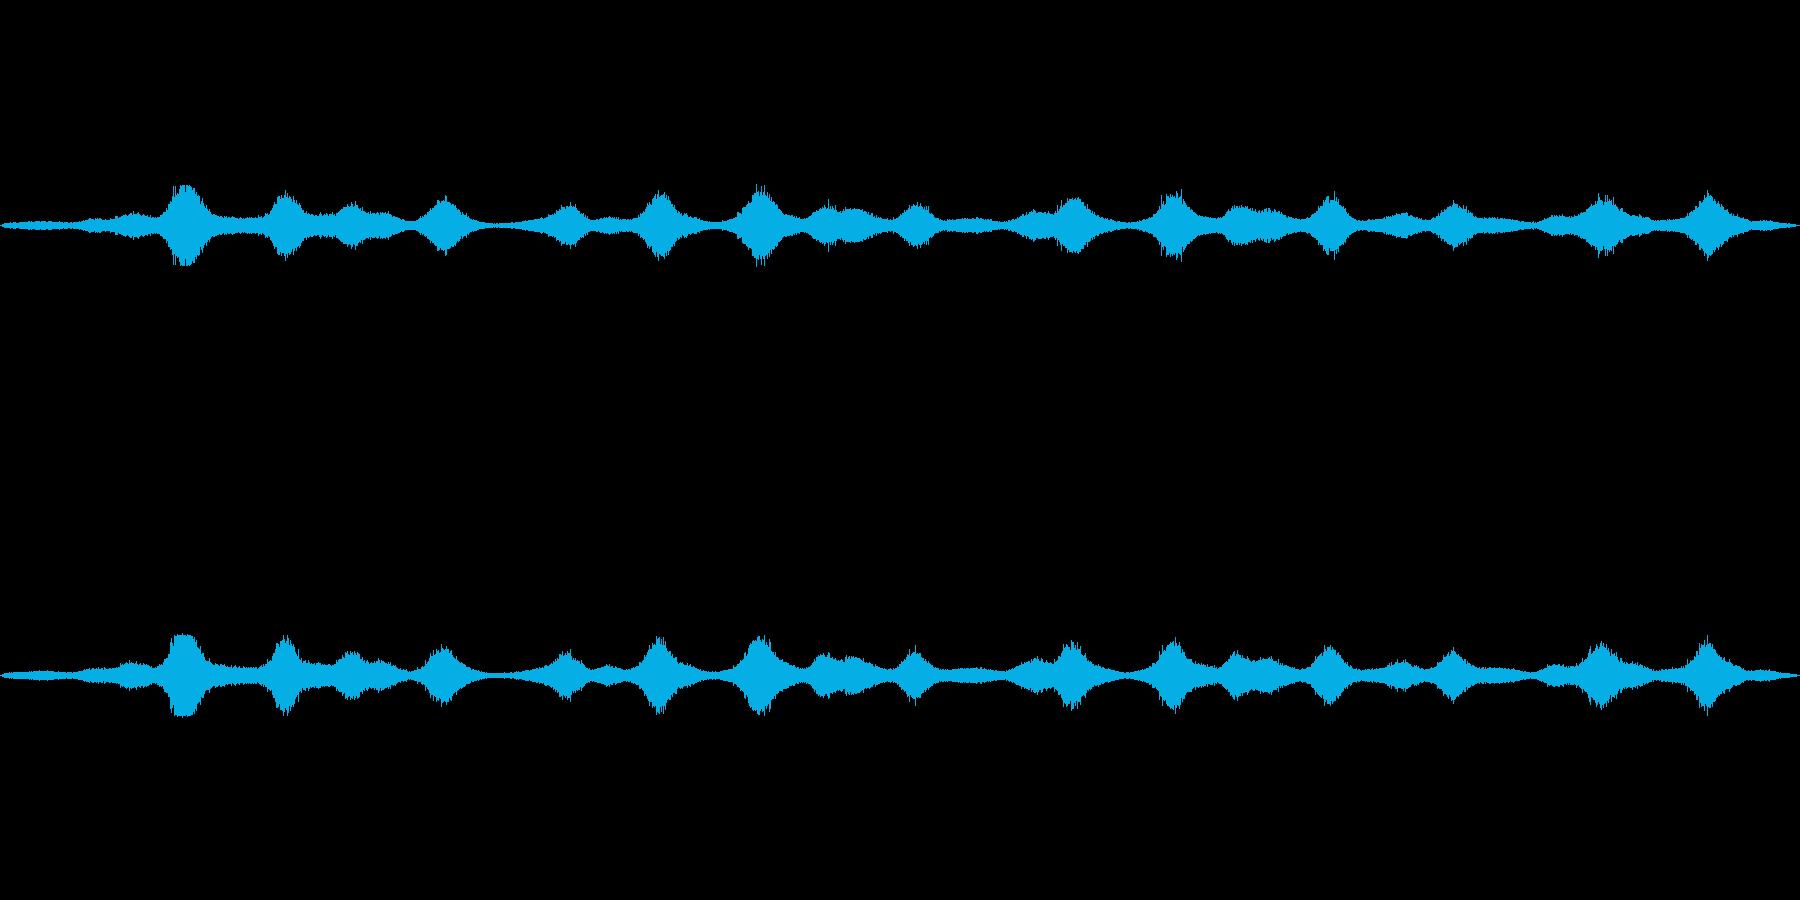 【海辺 合成 環境01-2】の再生済みの波形